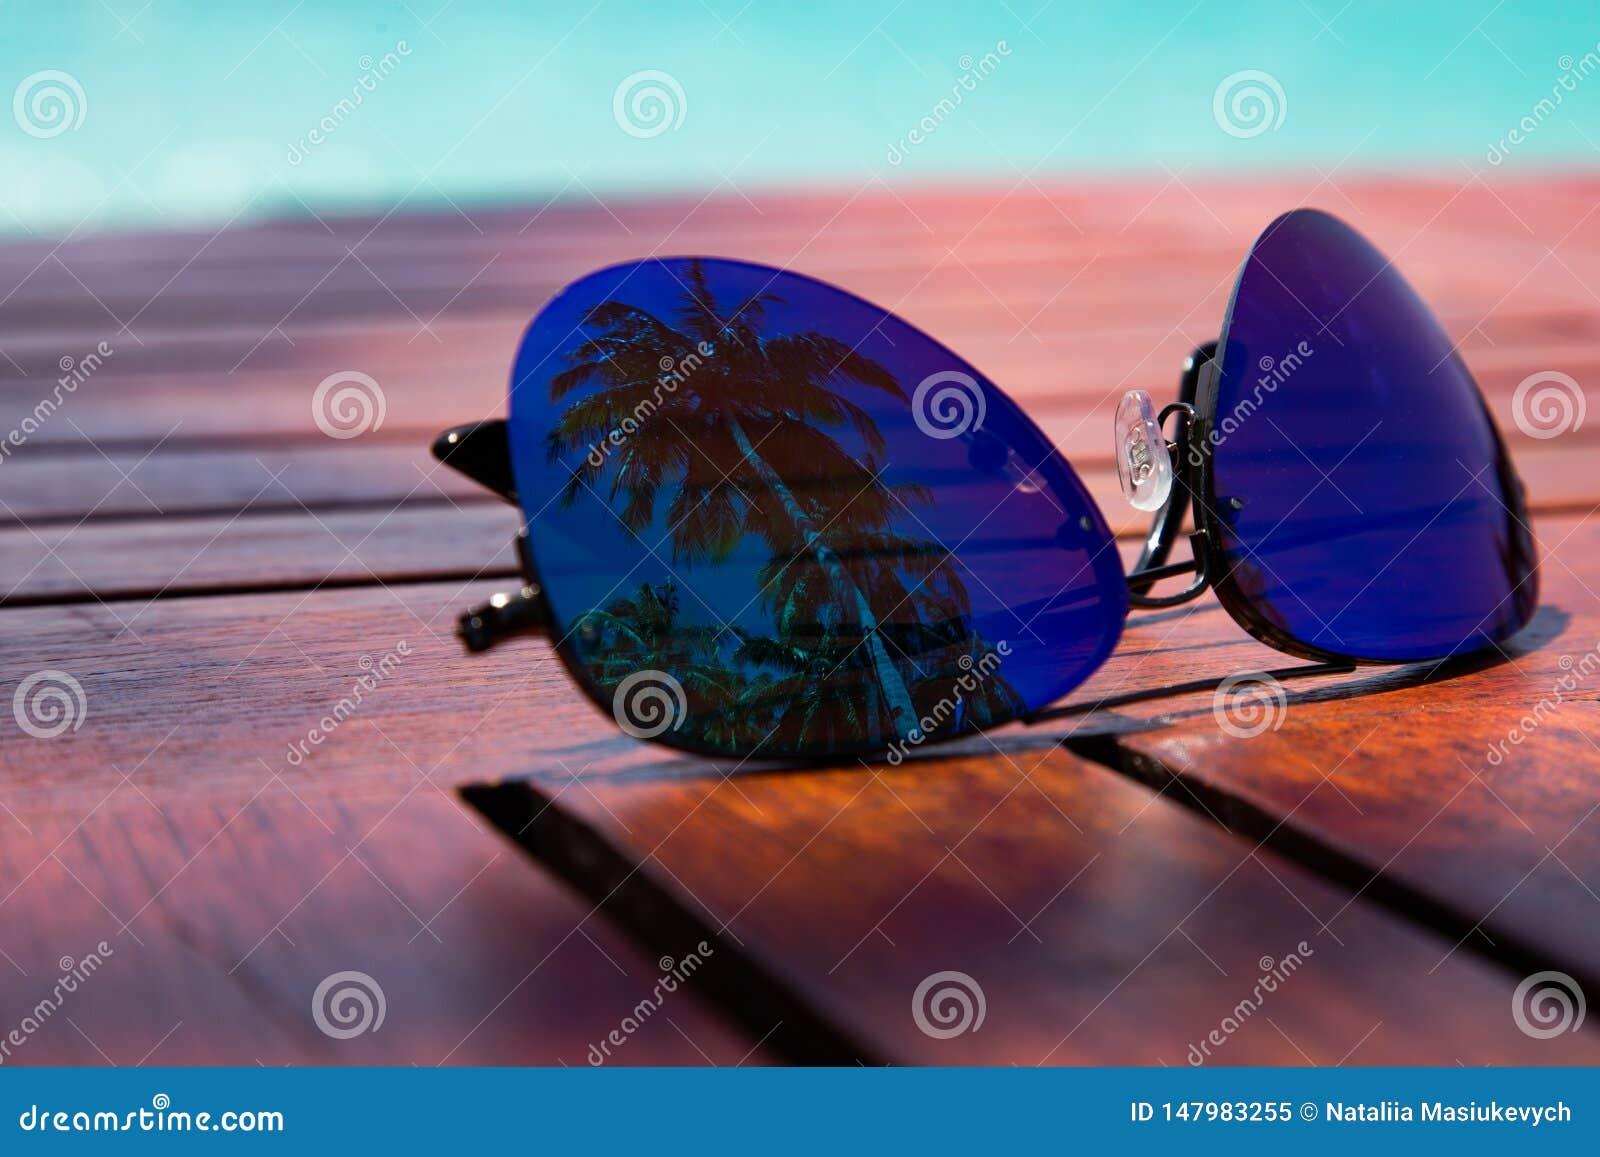 Sommerzeit Artgläser mit Palmenreflexion, die auf einem Holztisch auf der Küste des karibischen Meeres fand